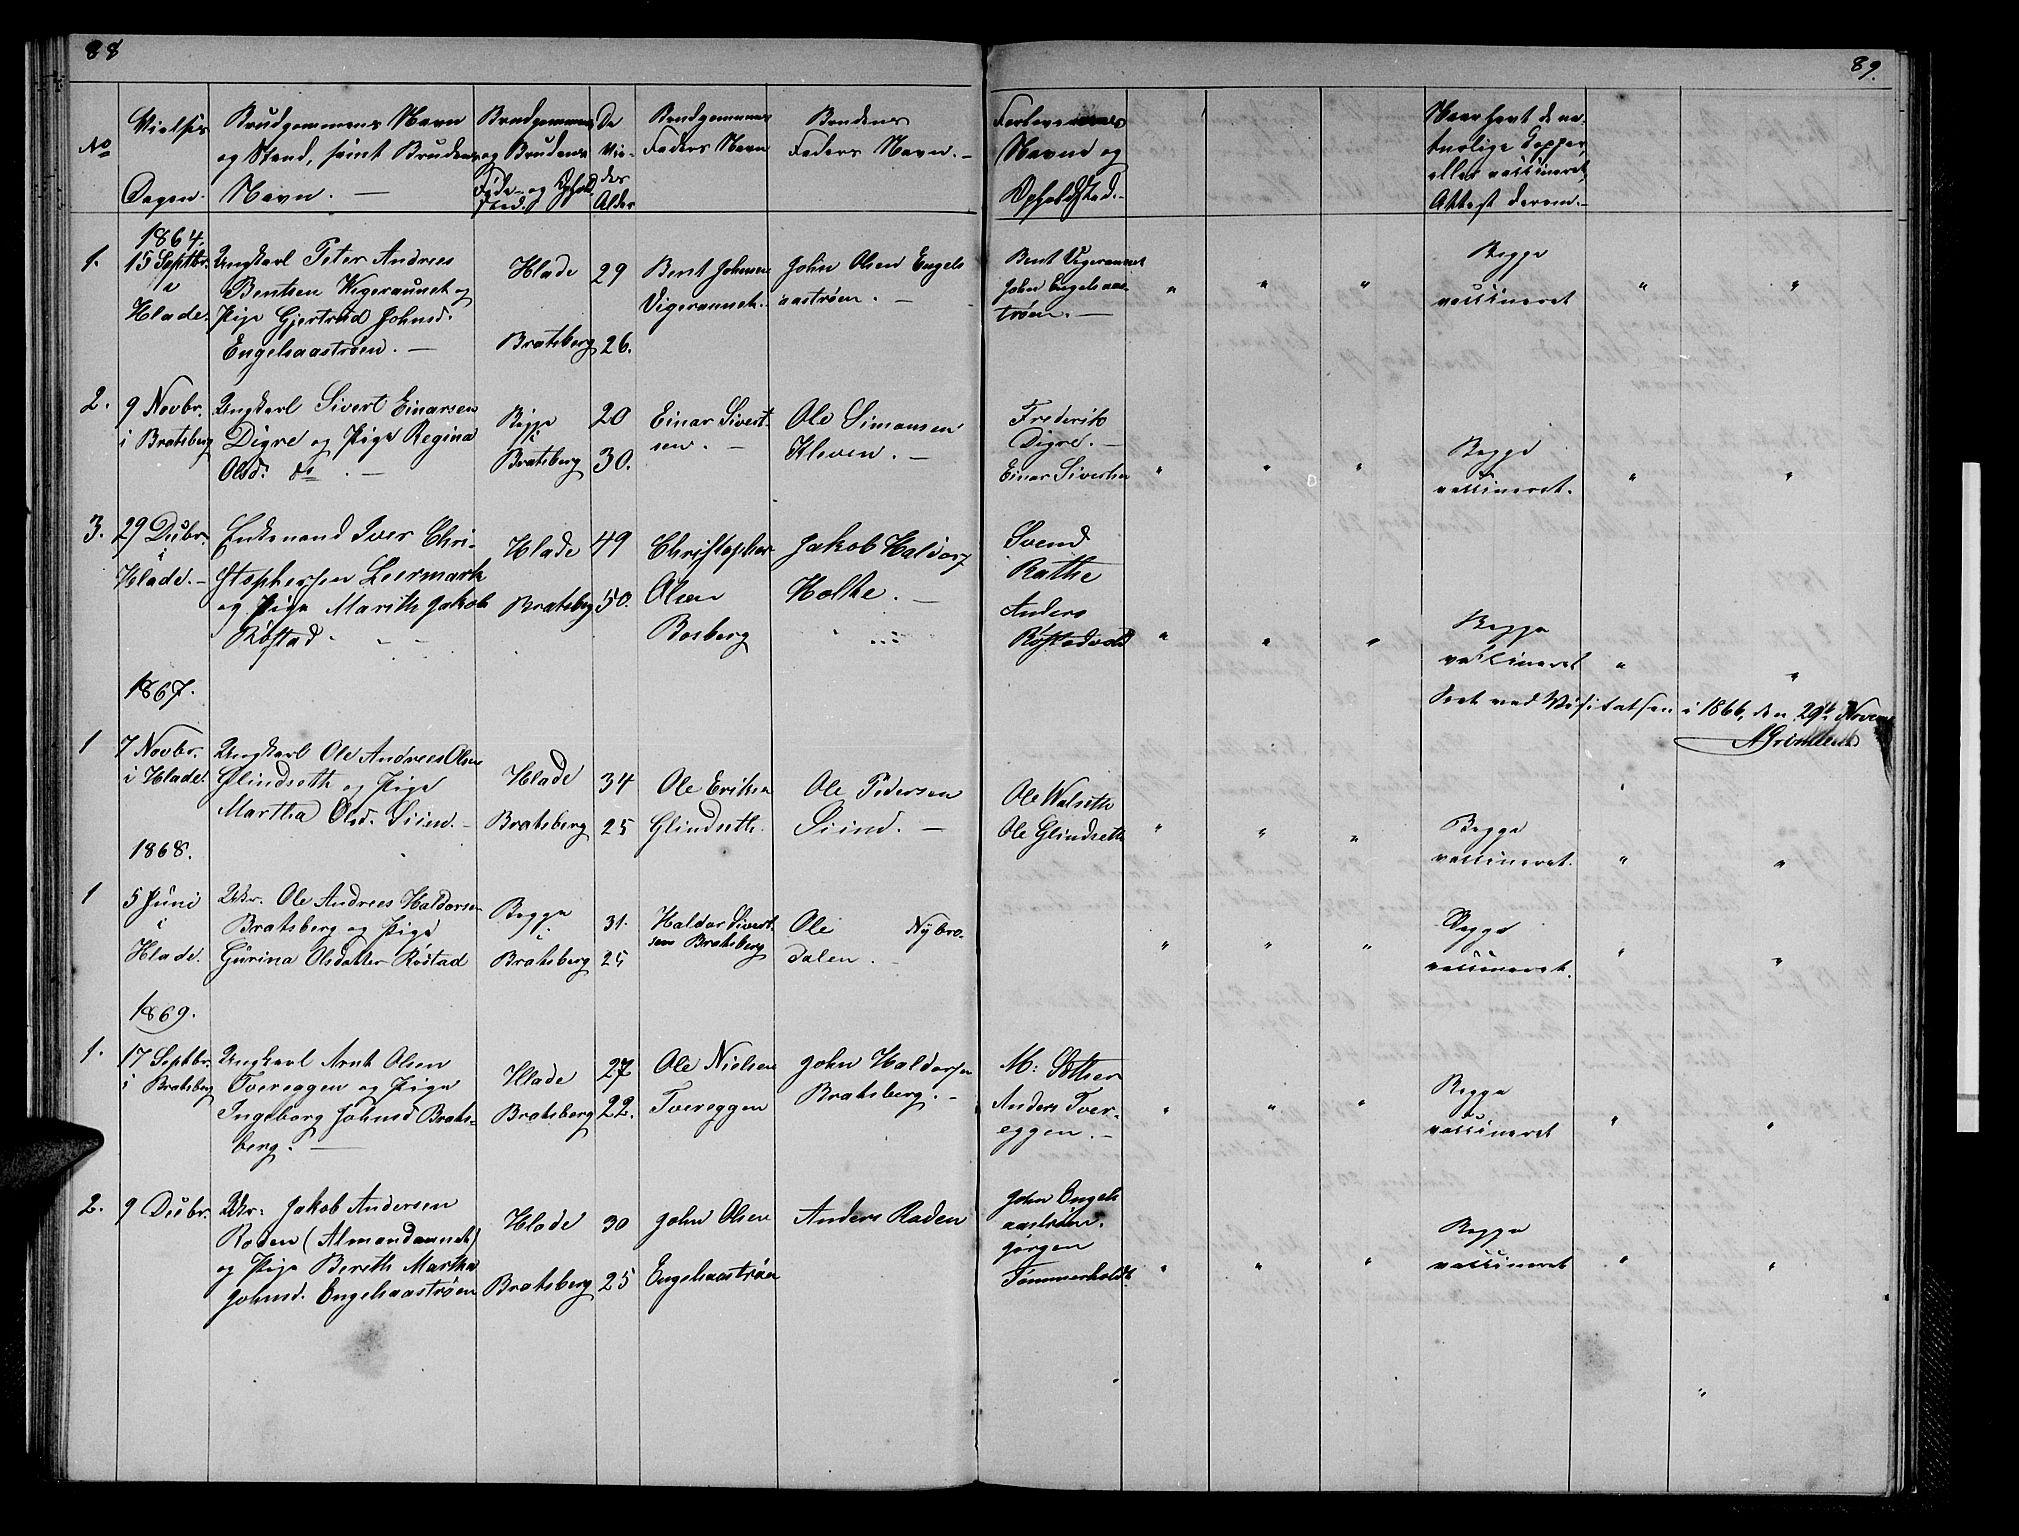 SAT, Ministerialprotokoller, klokkerbøker og fødselsregistre - Sør-Trøndelag, 608/L0340: Klokkerbok nr. 608C06, 1864-1889, s. 88-89